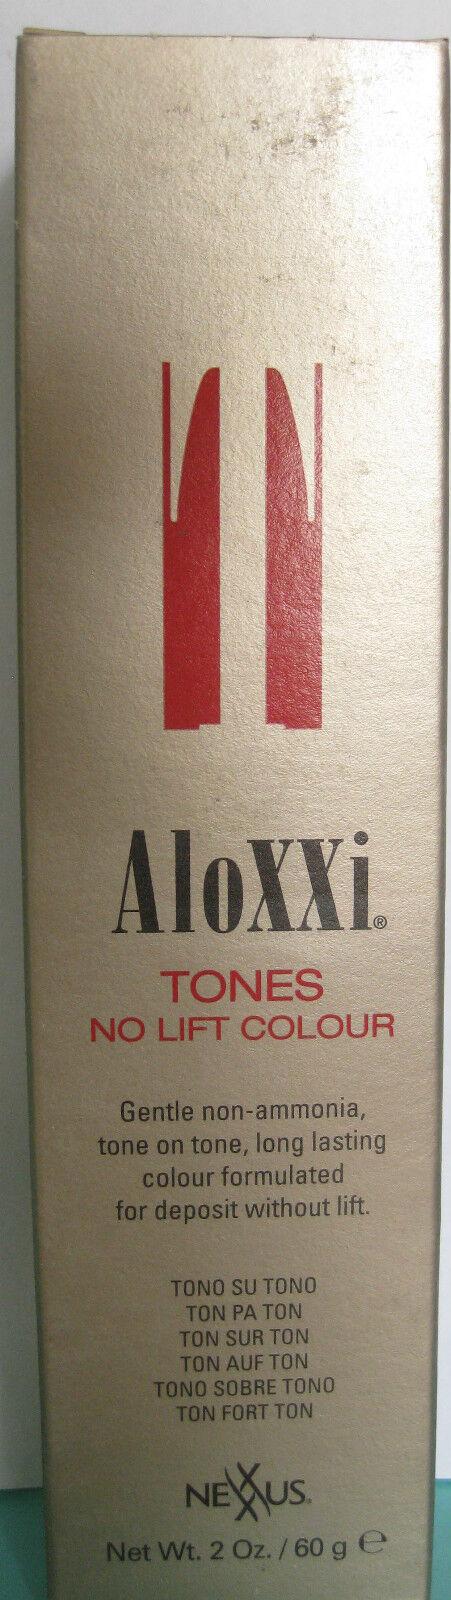 Nexxus Aloxxi Tones No Lift Colour Demi Permanent 2 Oz Gold Box (op)